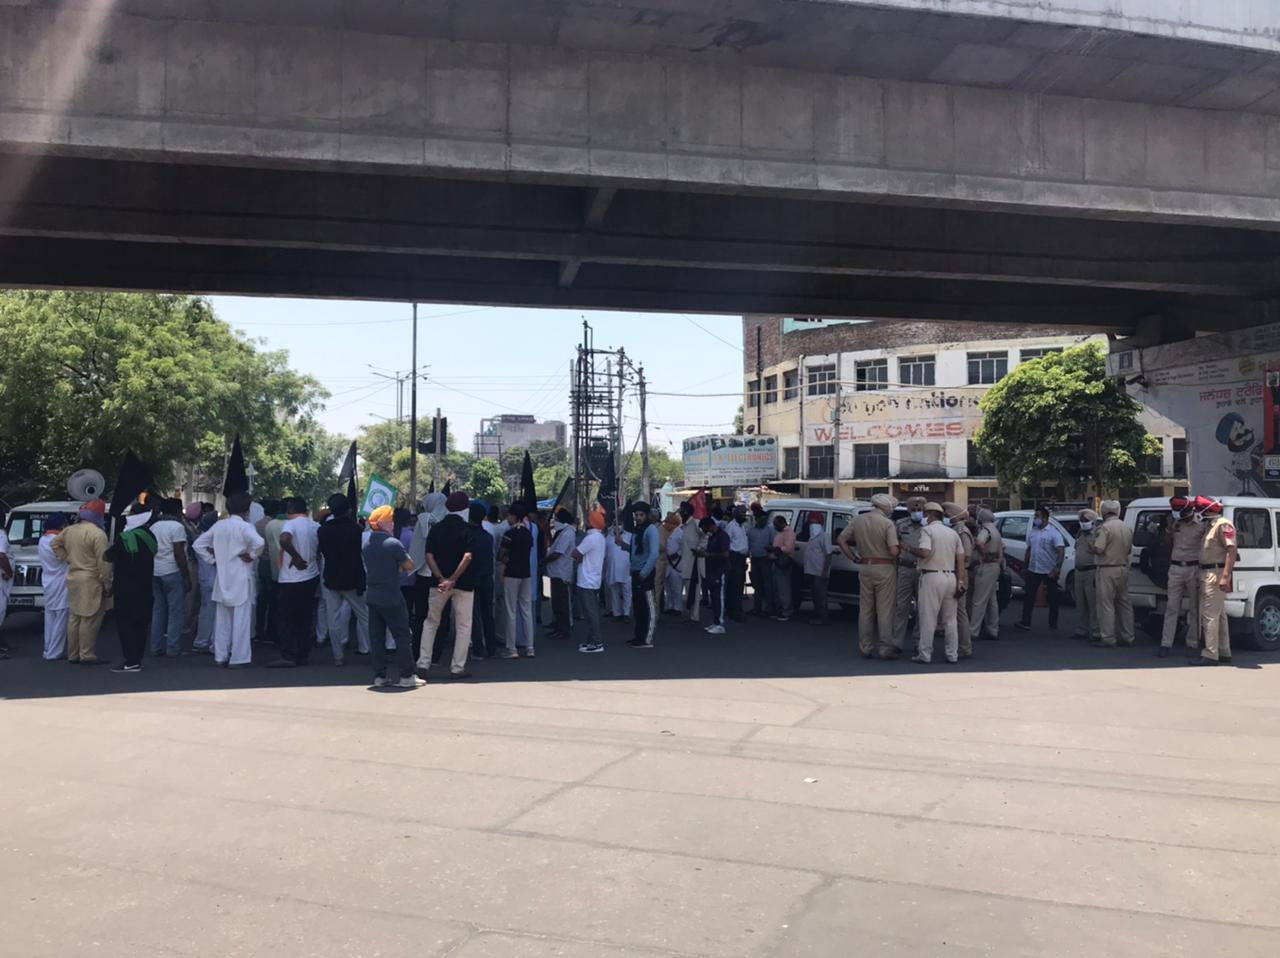 महामारी के खतरे में किसानों ने भीड़ इकट्ठी कर फूंका PM मोदी का पुतला, पुलिस के सामने ही टूटे कोरोना नियम जालंधर,Jalandhar - Dainik Bhaskar